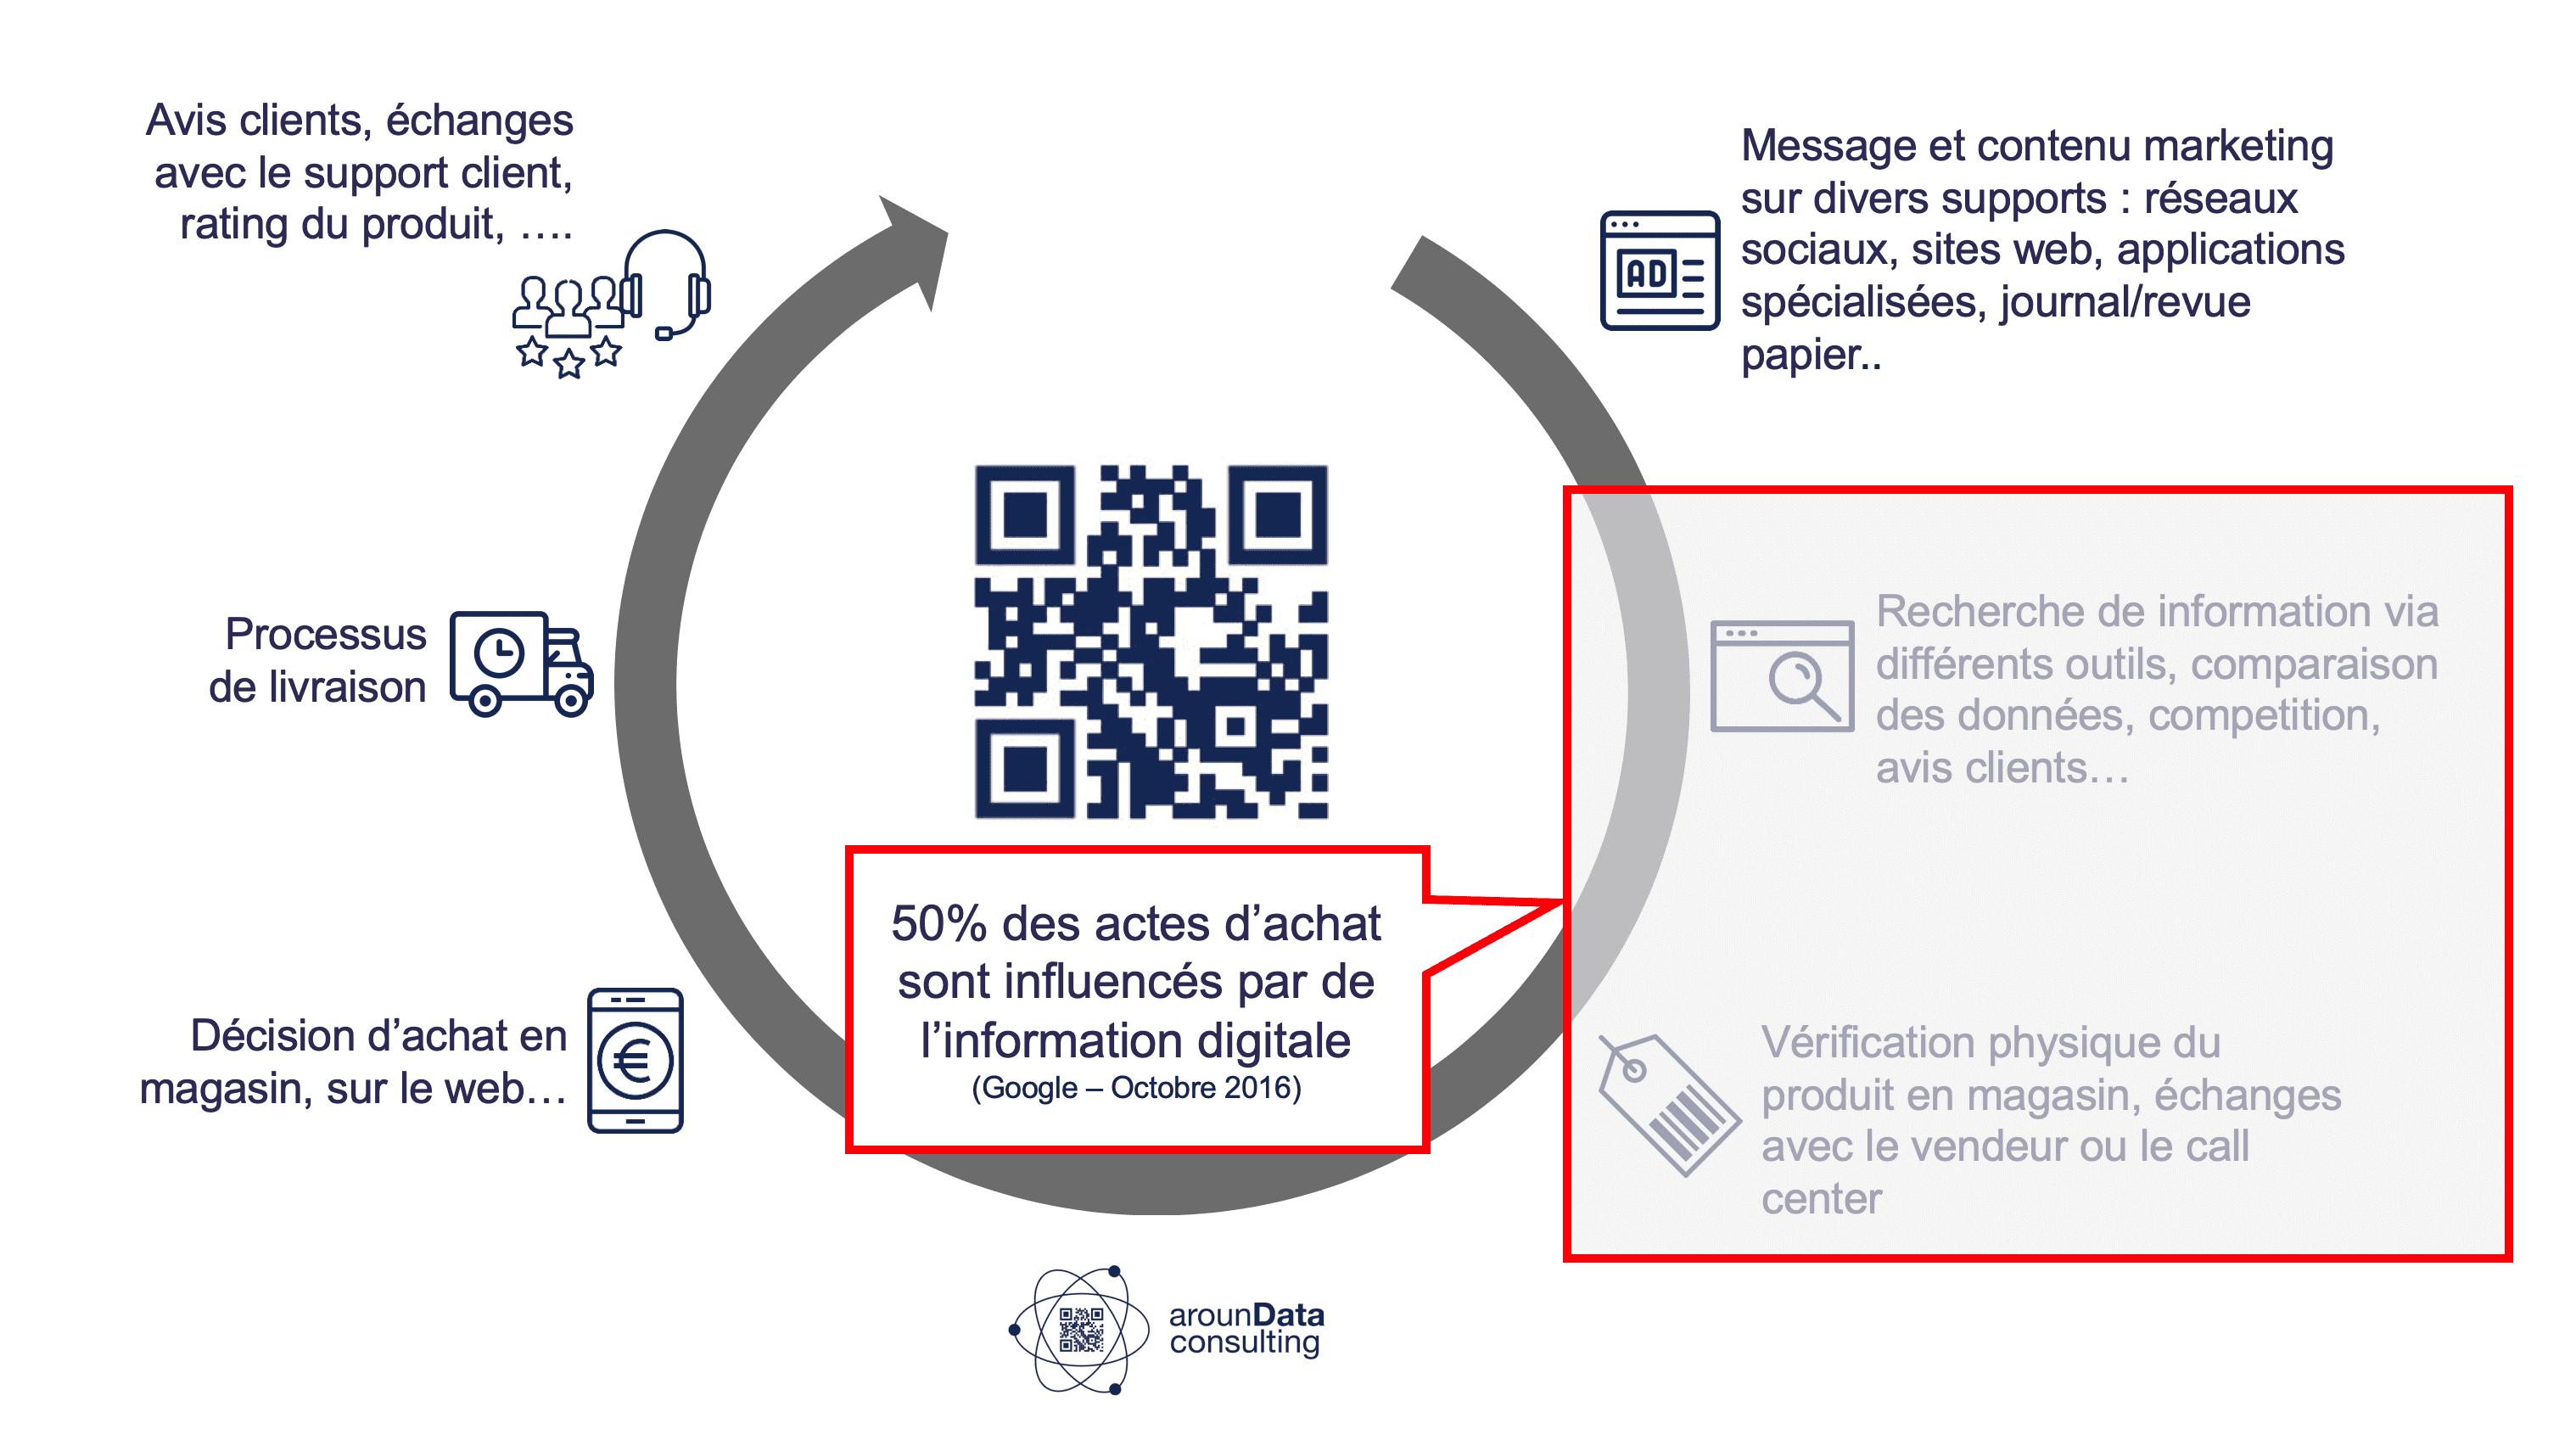 le product experience management permet de répondre à la recherche d'information de l'internaute